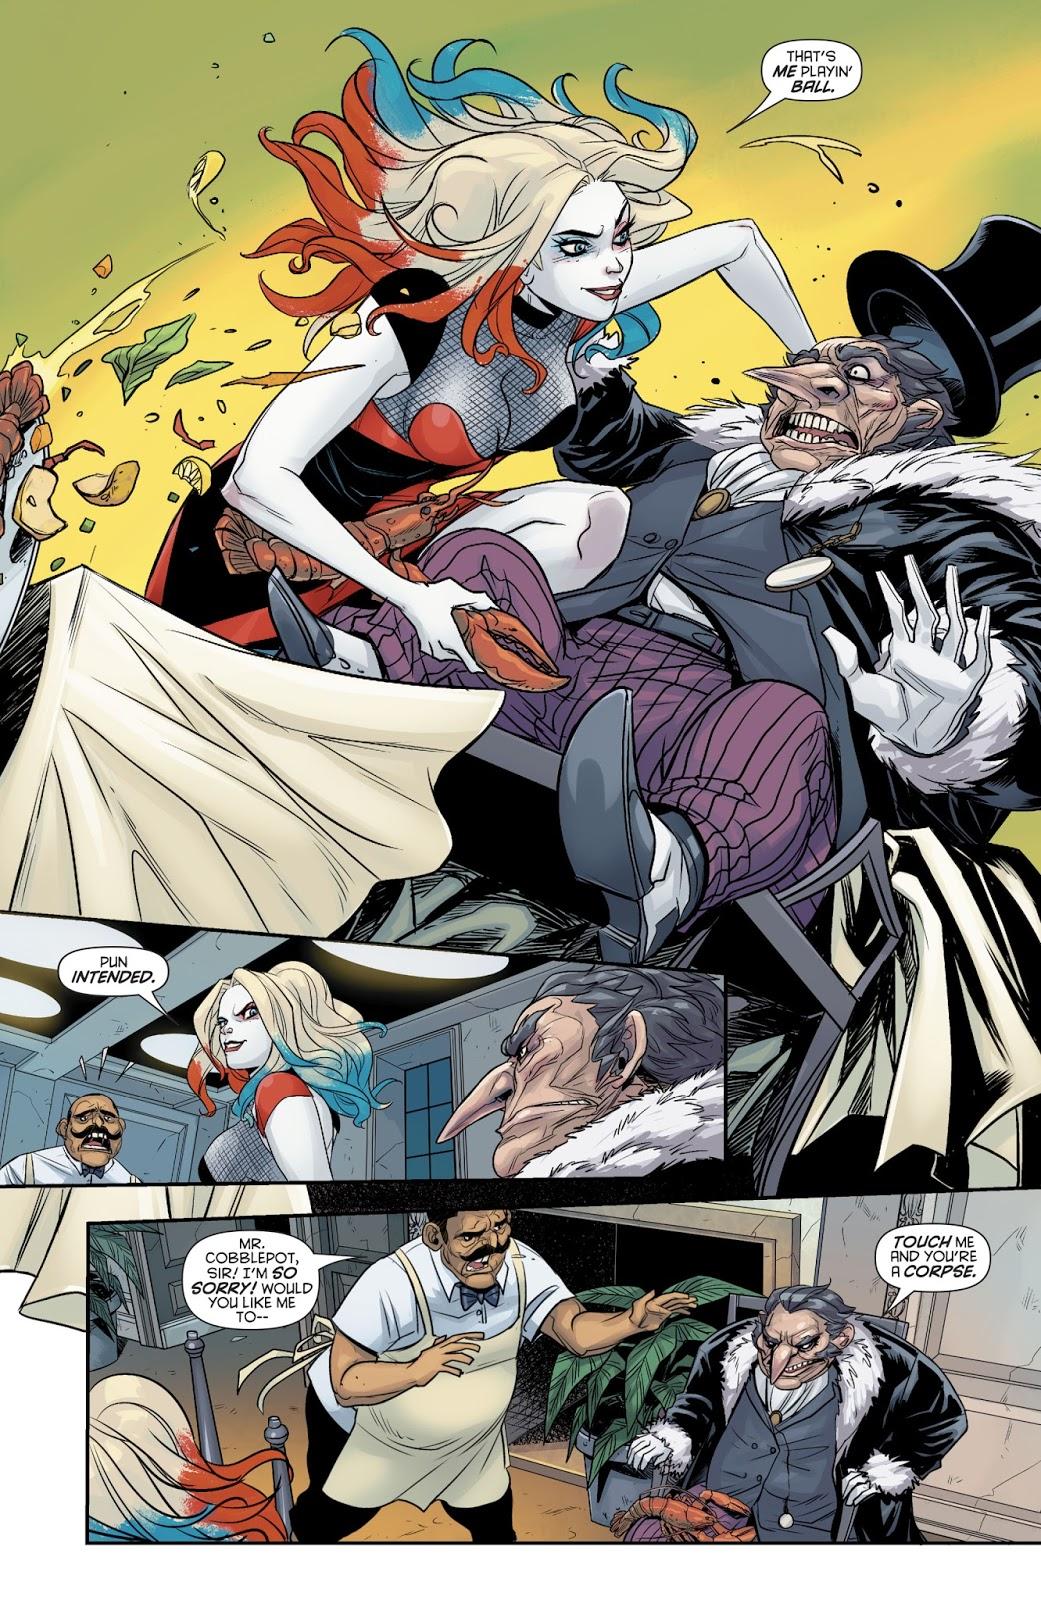 The Penguin (Harley Quinn Vol 3 #27)